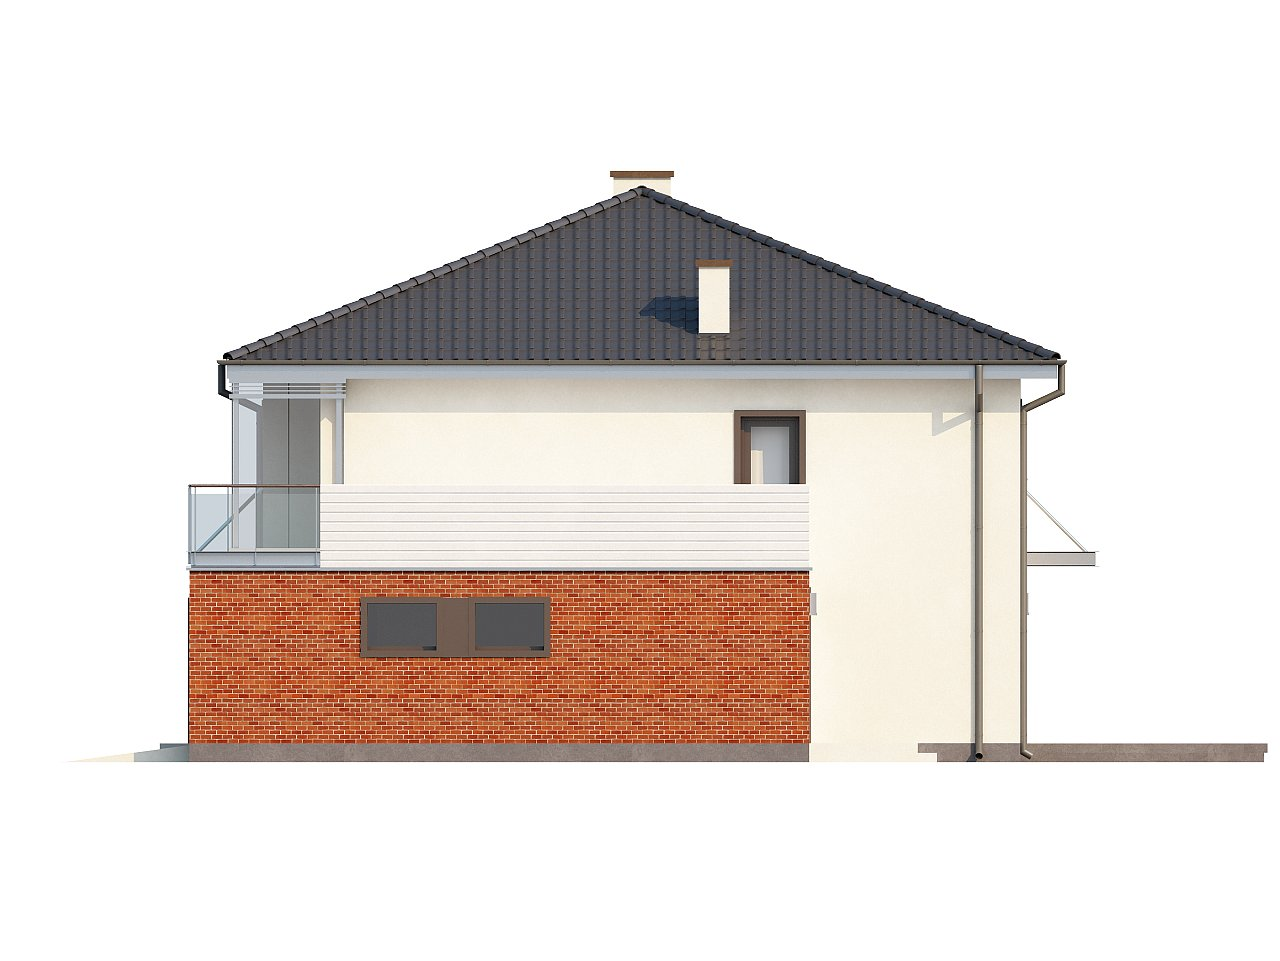 Комфортабельный двухэтажный дом простой формы со стеклянным эркером над гаражом. - фото 6